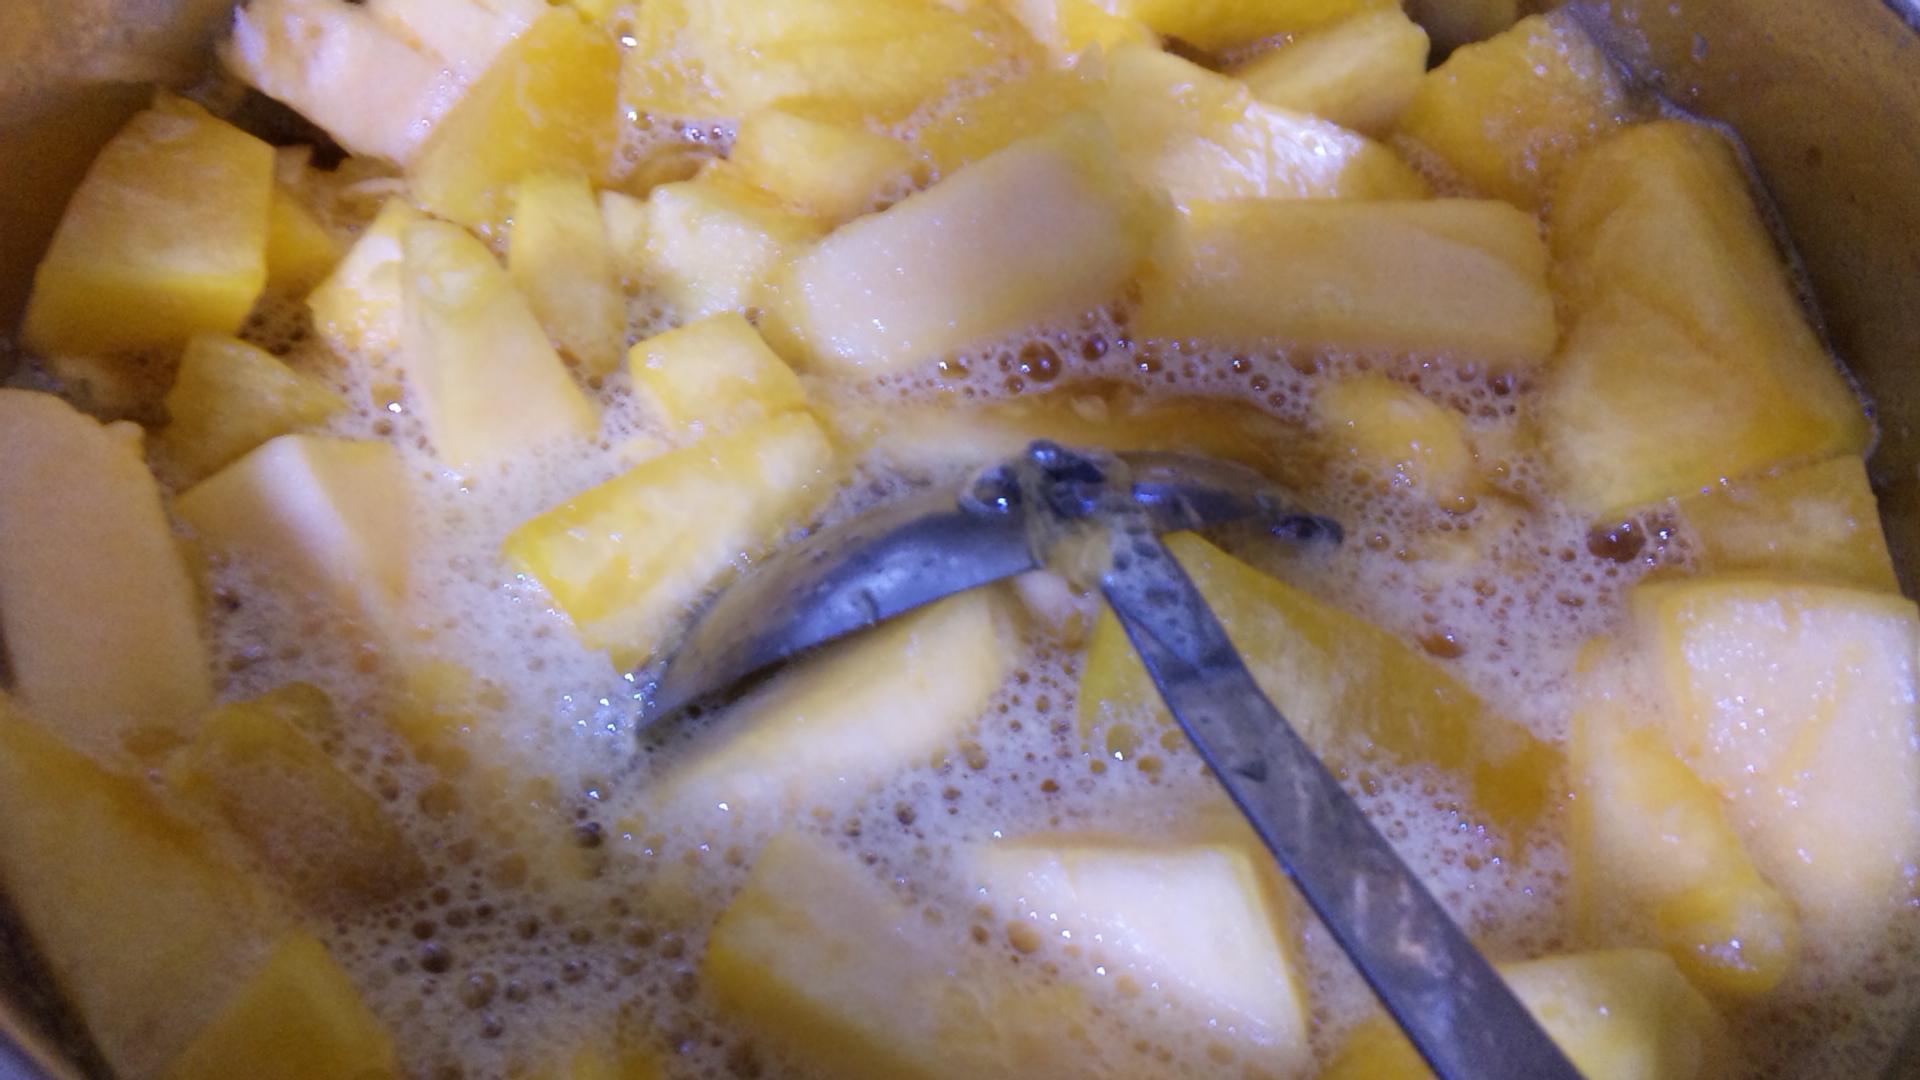 ジャムパンプキンをオレンジジュースで煮込む